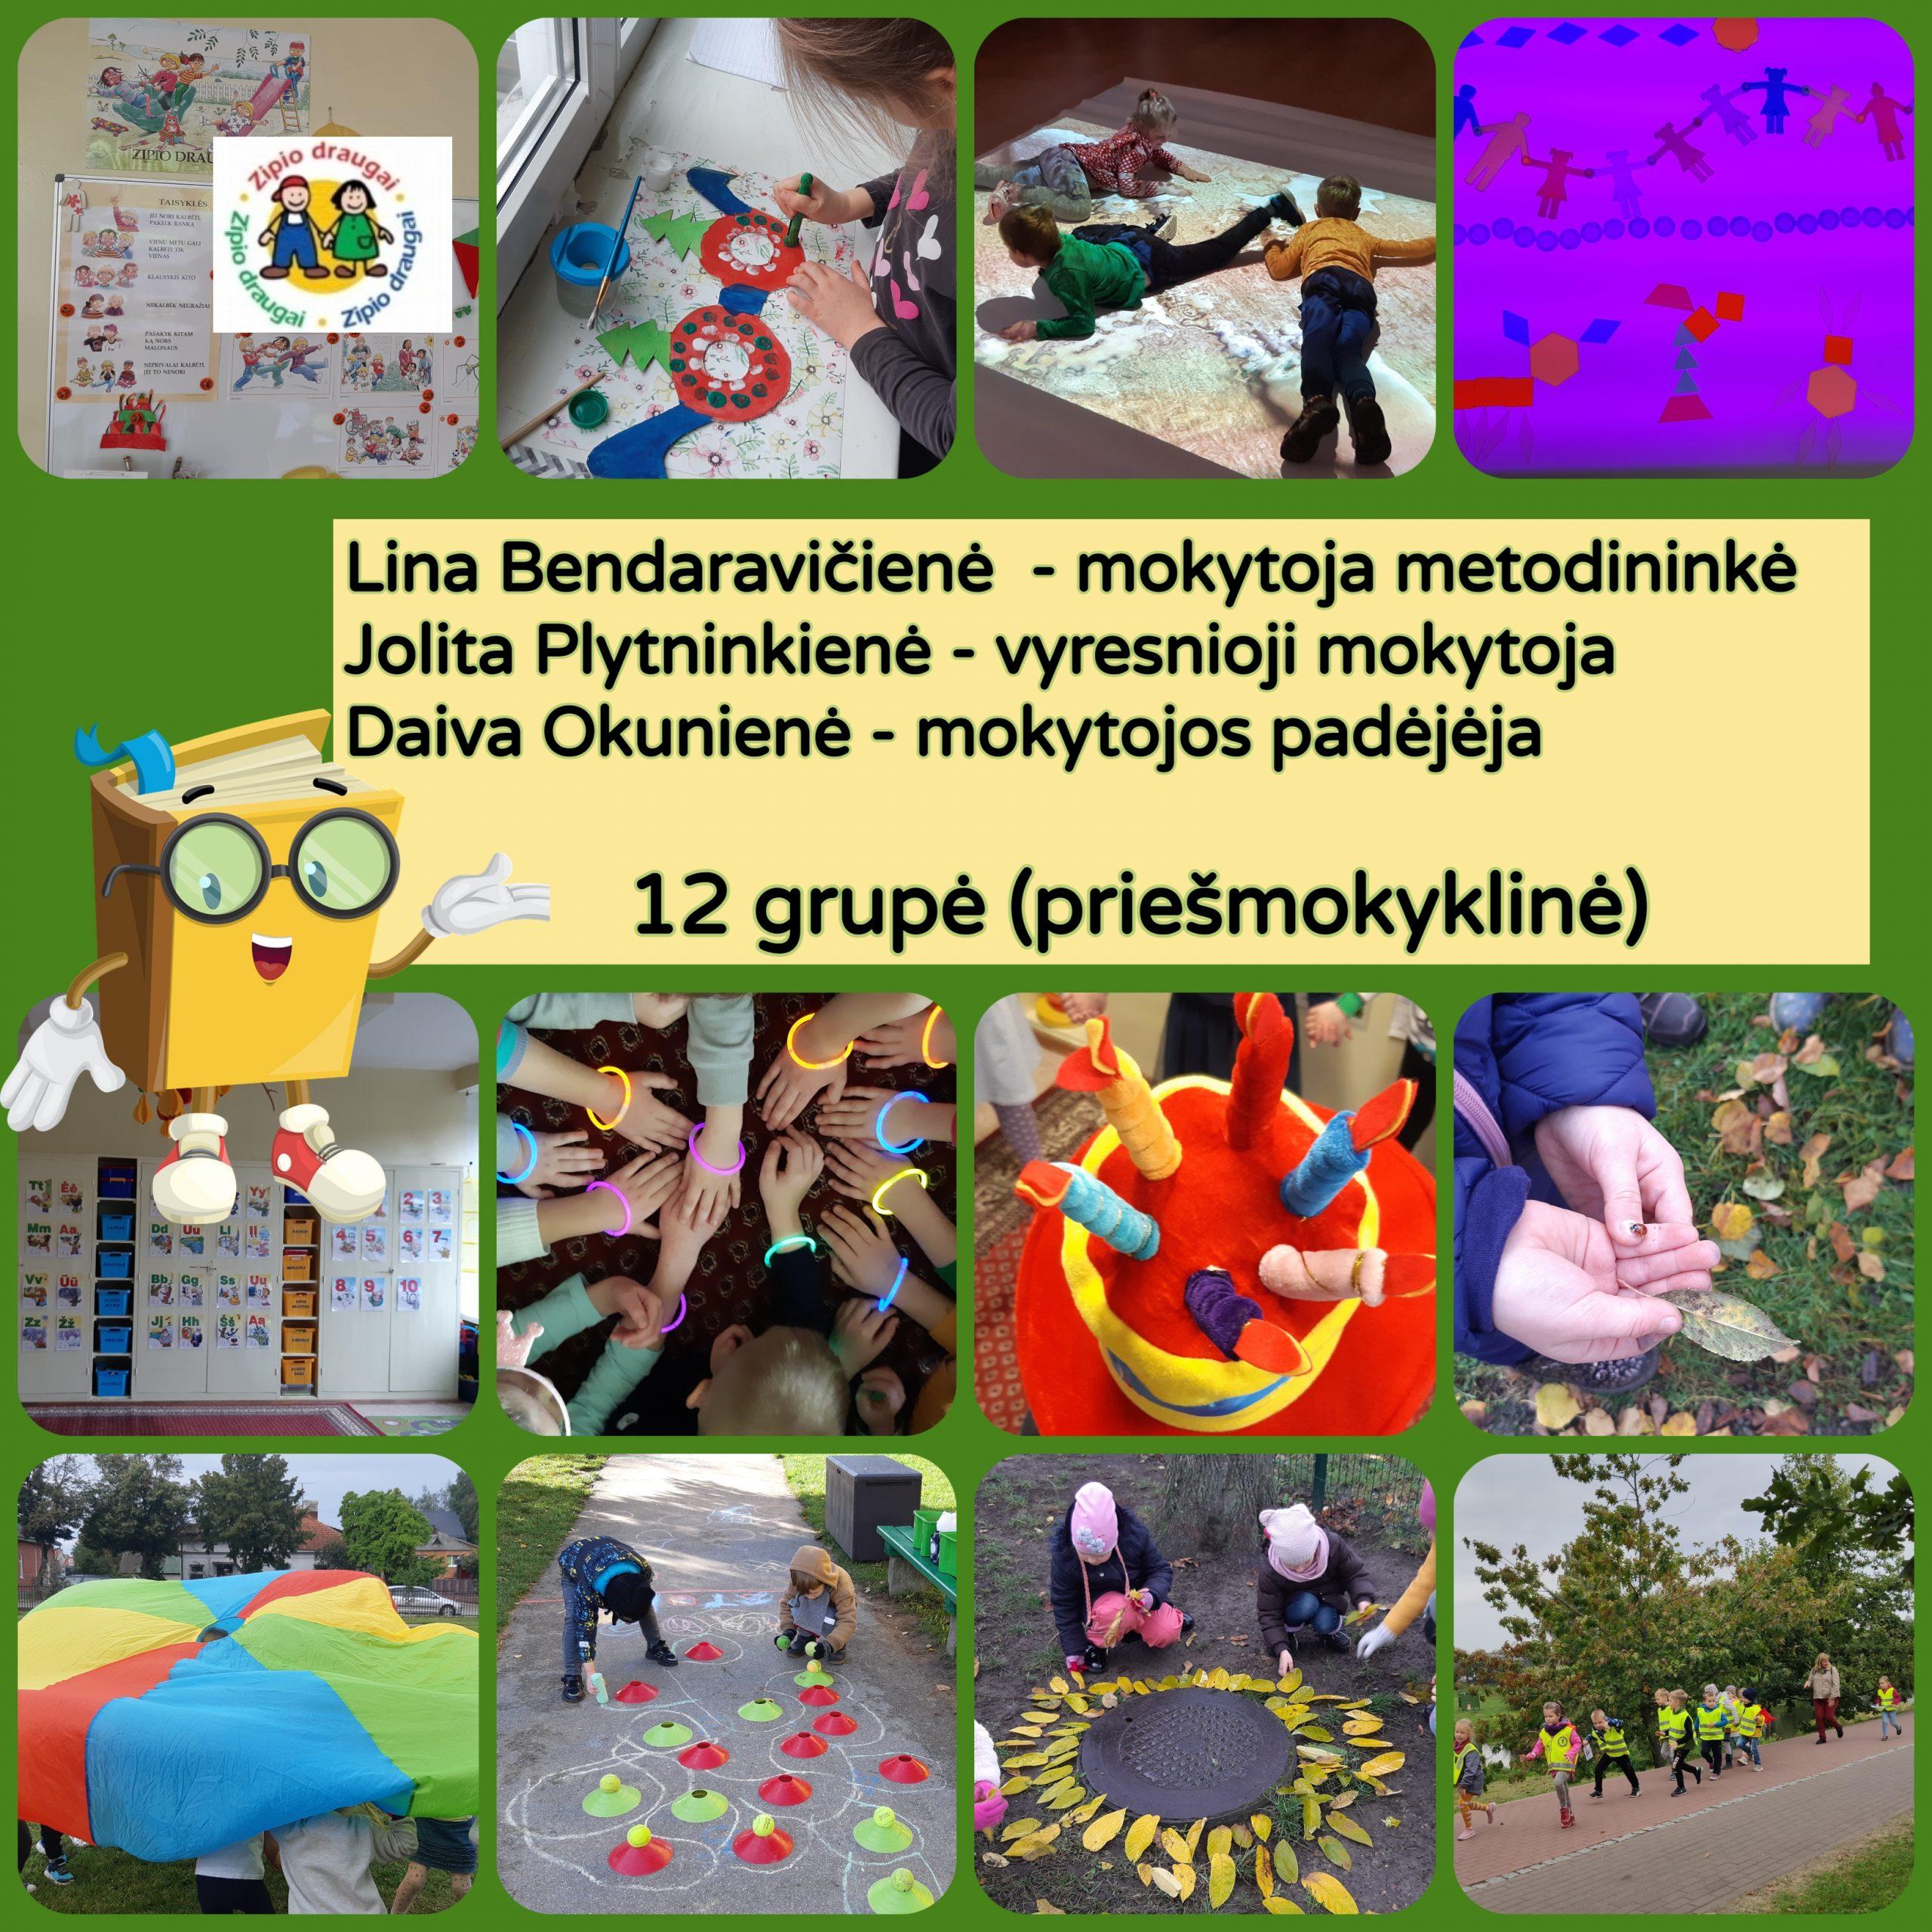 12 grupė (priešmokyklinė)